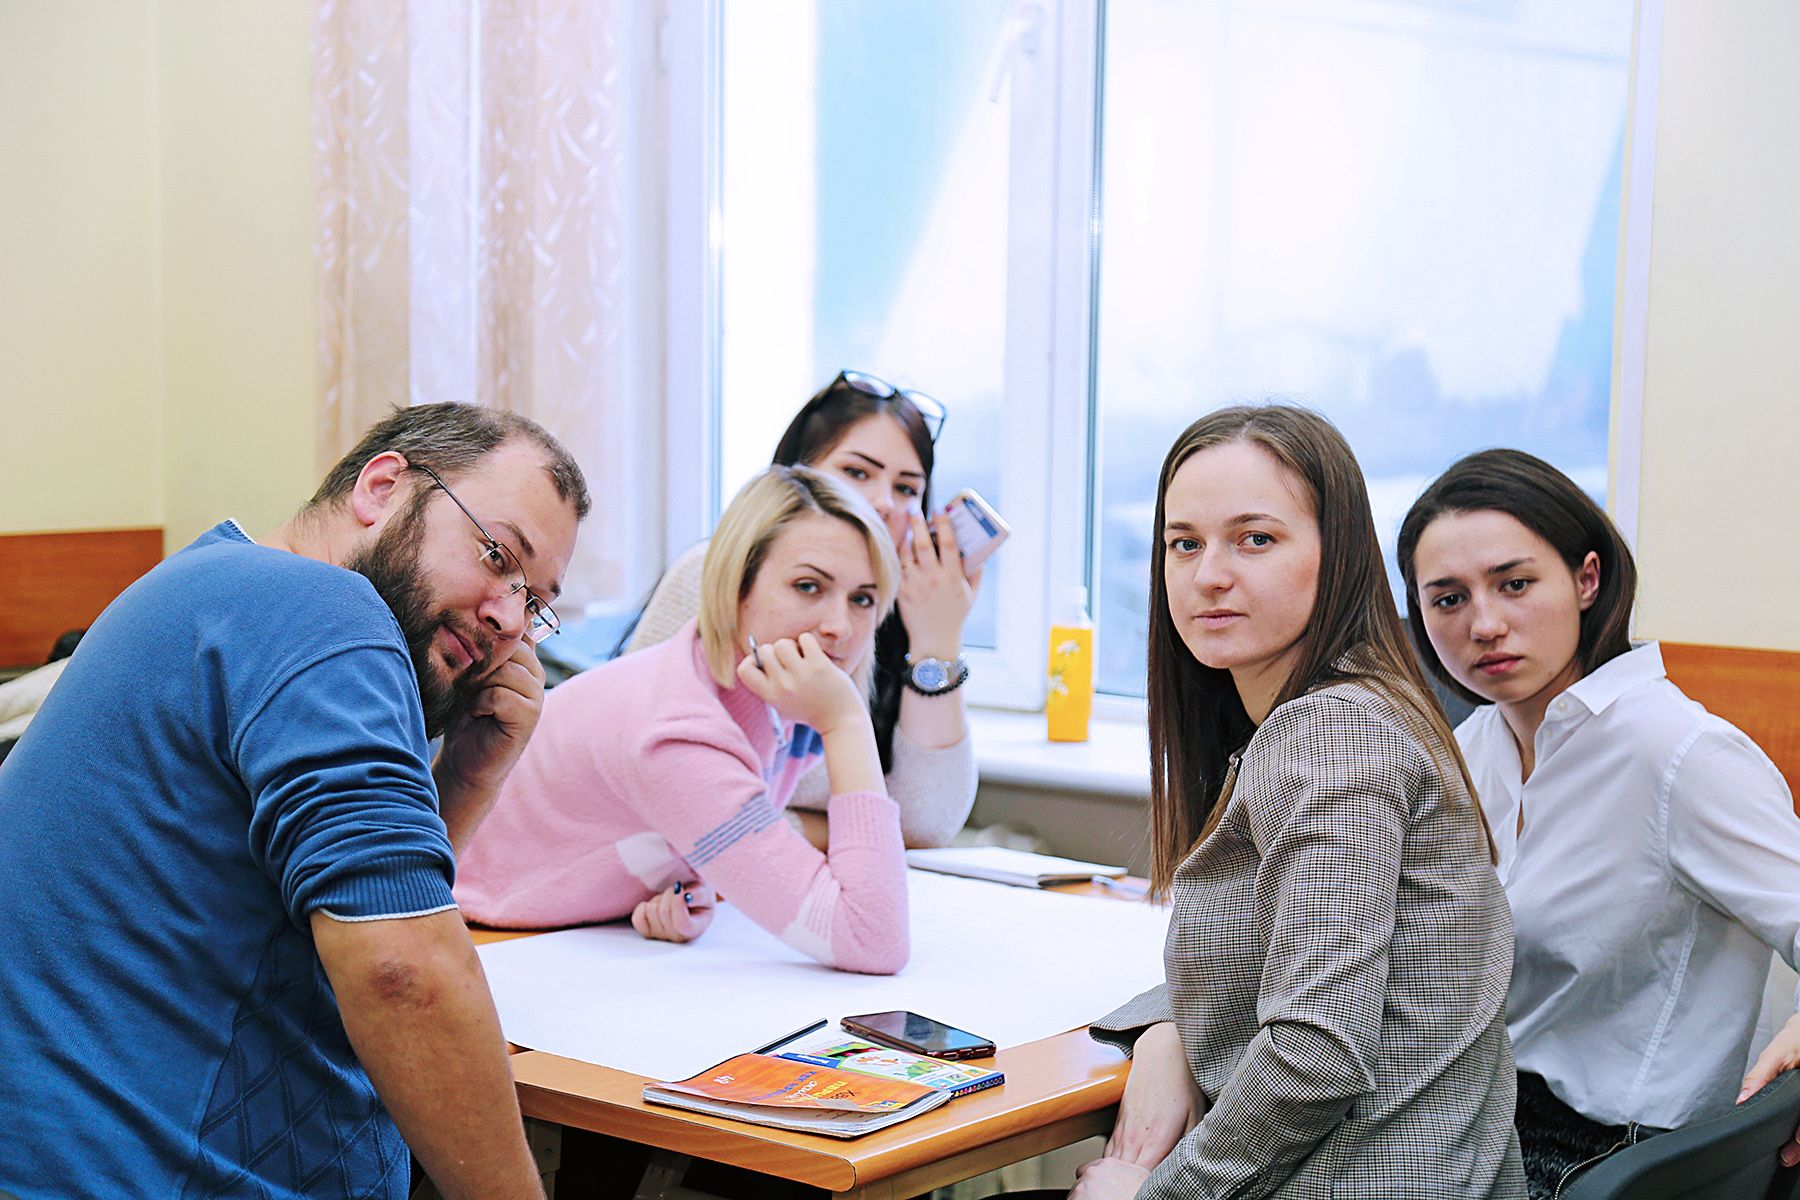 Патриотизм и защита национальных интересов: студенты ВГУЭС узнали, что объединяет позиции политических партий России